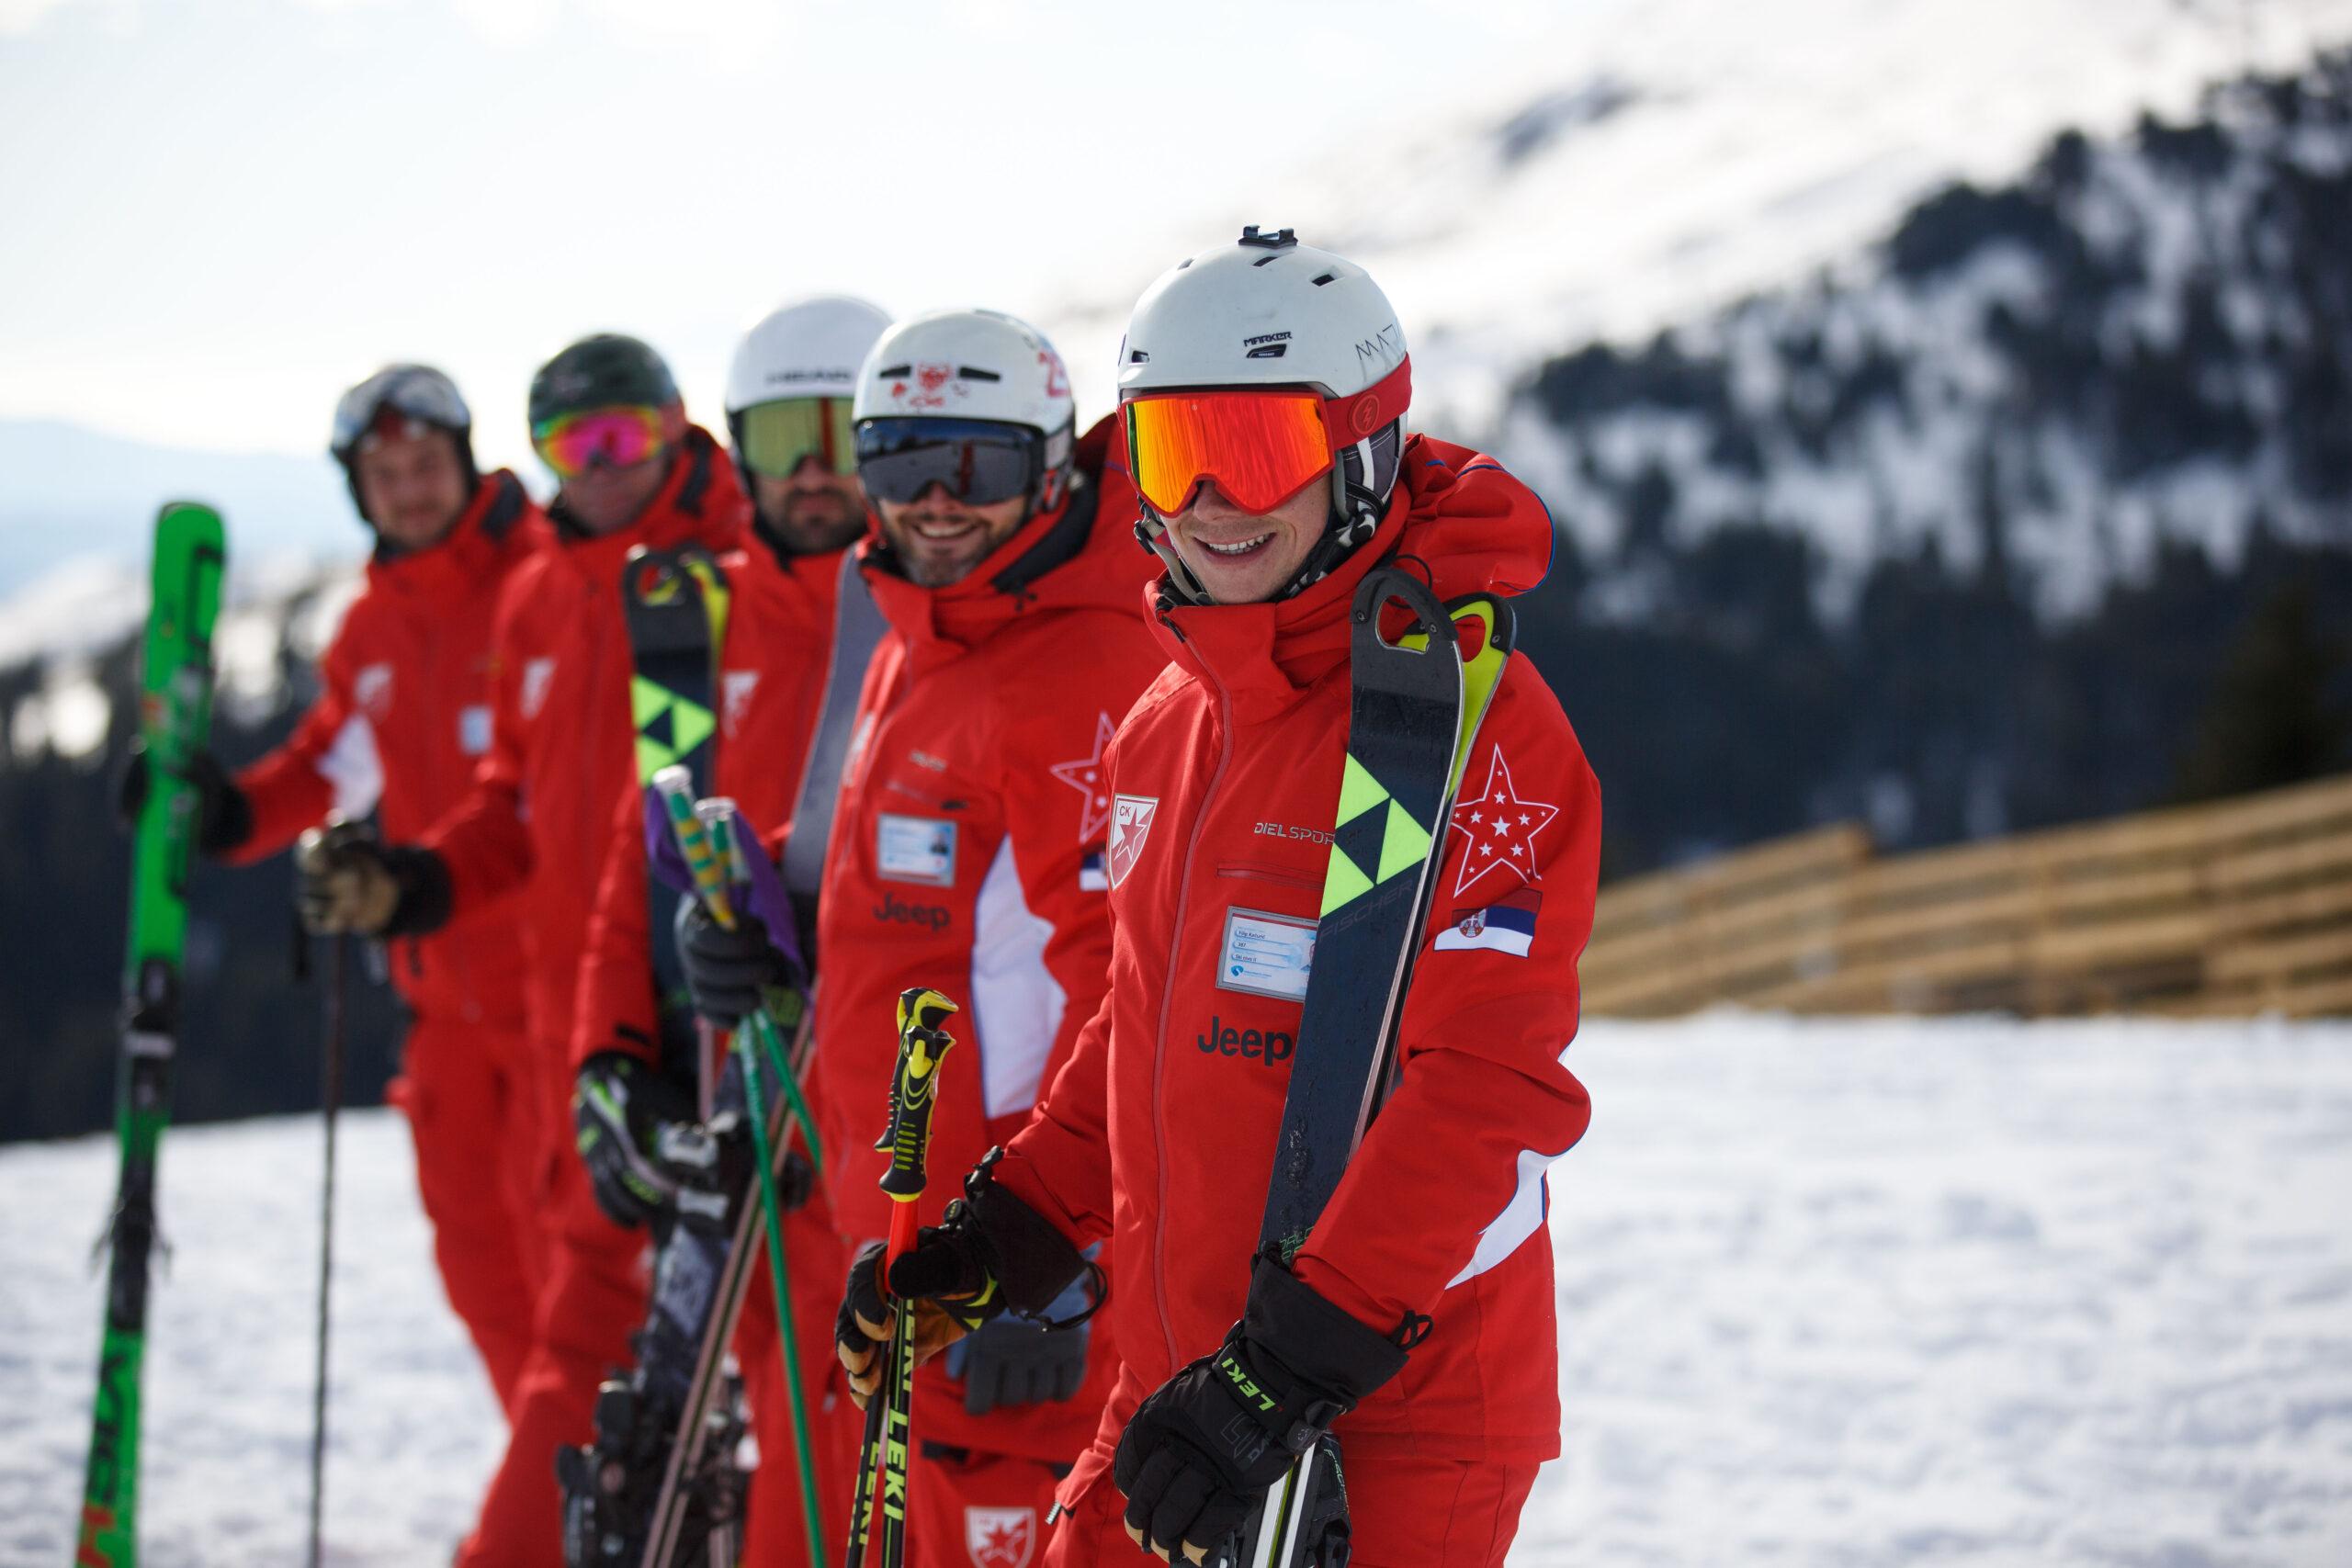 Instruktori ski skole Crvena zvezda